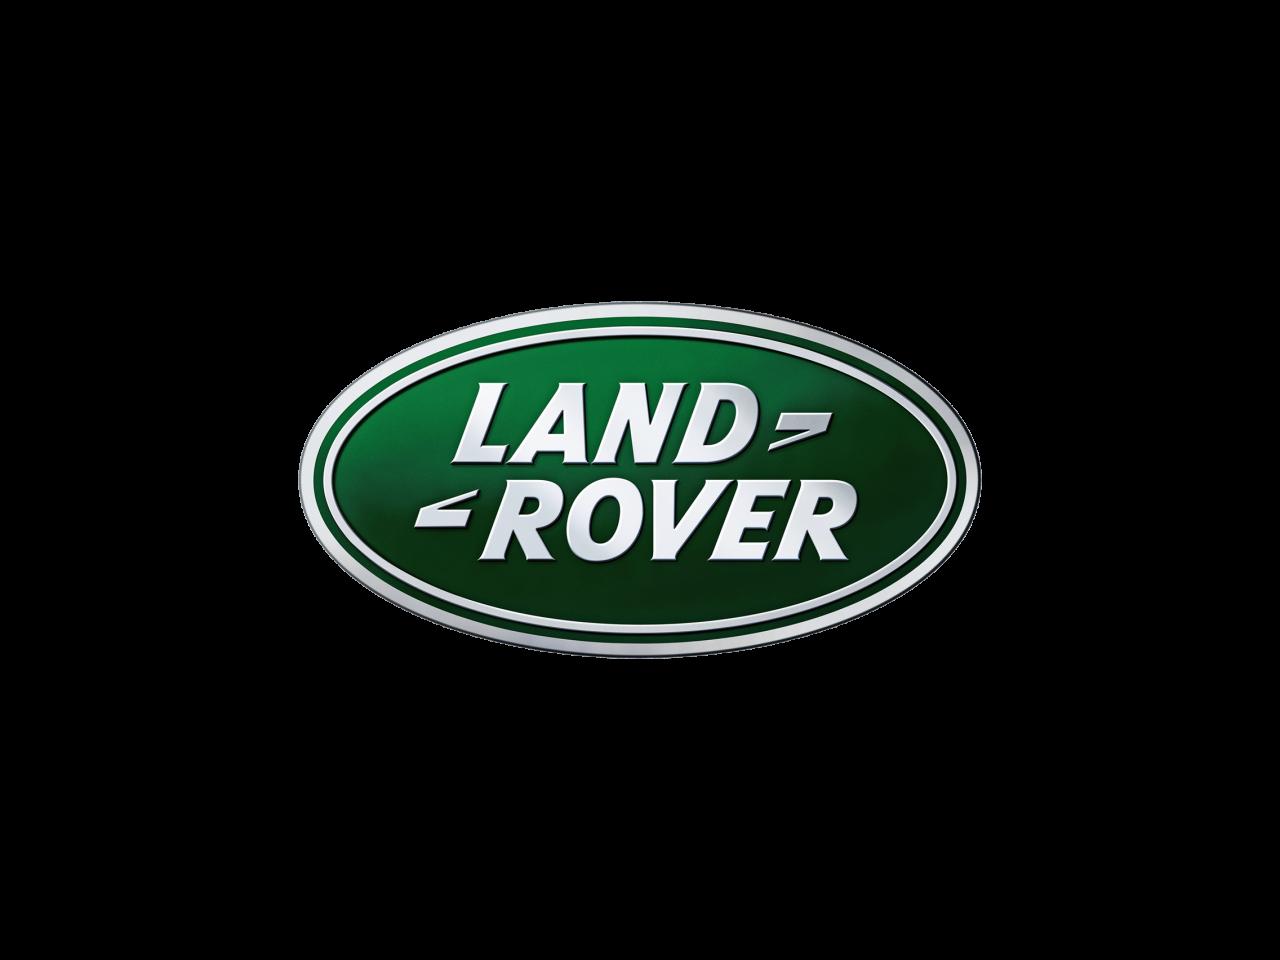 Land Rover Logo Png Image - Purepng | Free Transparent Cc0 Png Pluspng.com  - Land Rover Logo PNG